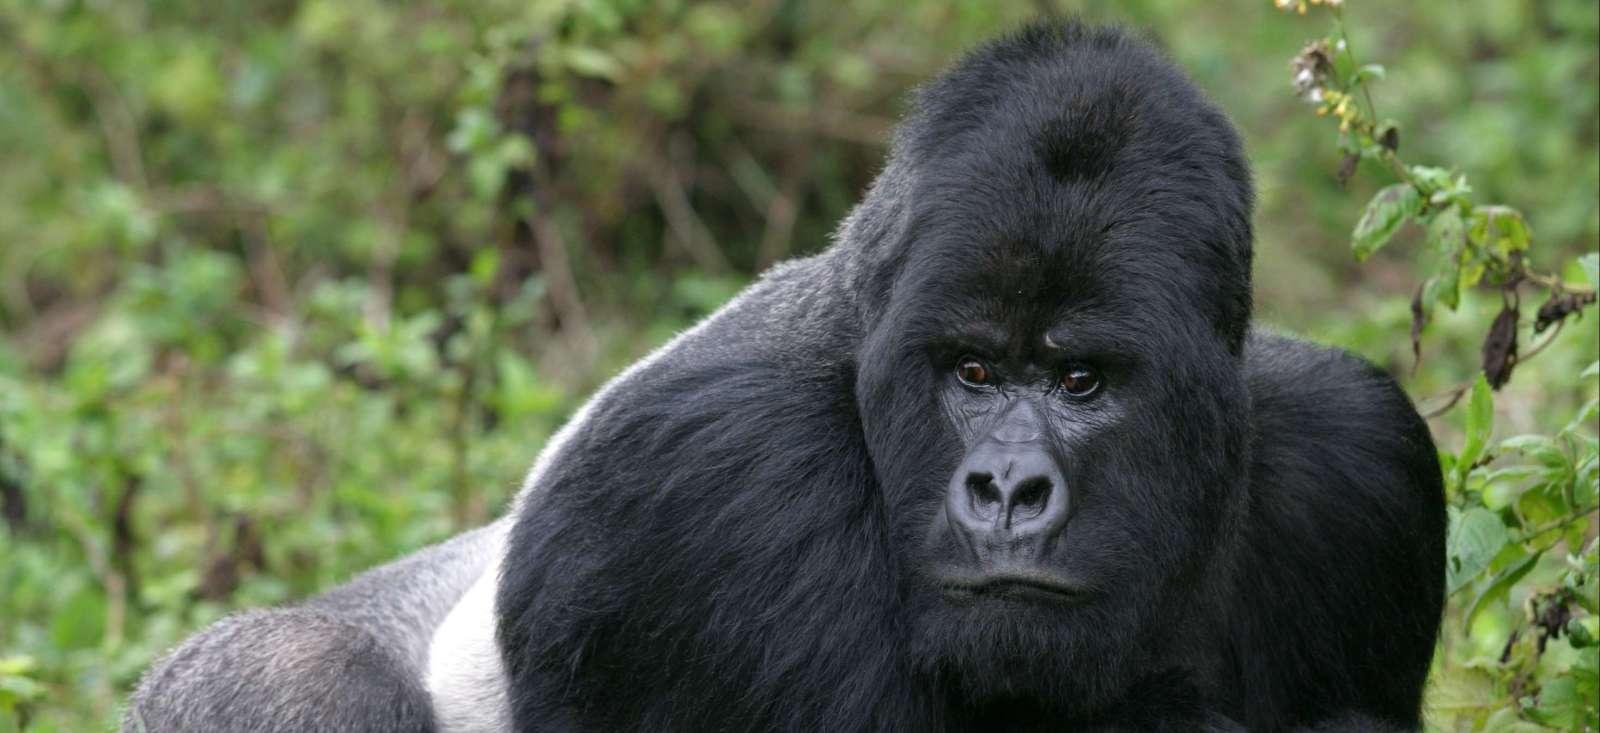 Voyage avec des animaux : Gorilles dans la brume !